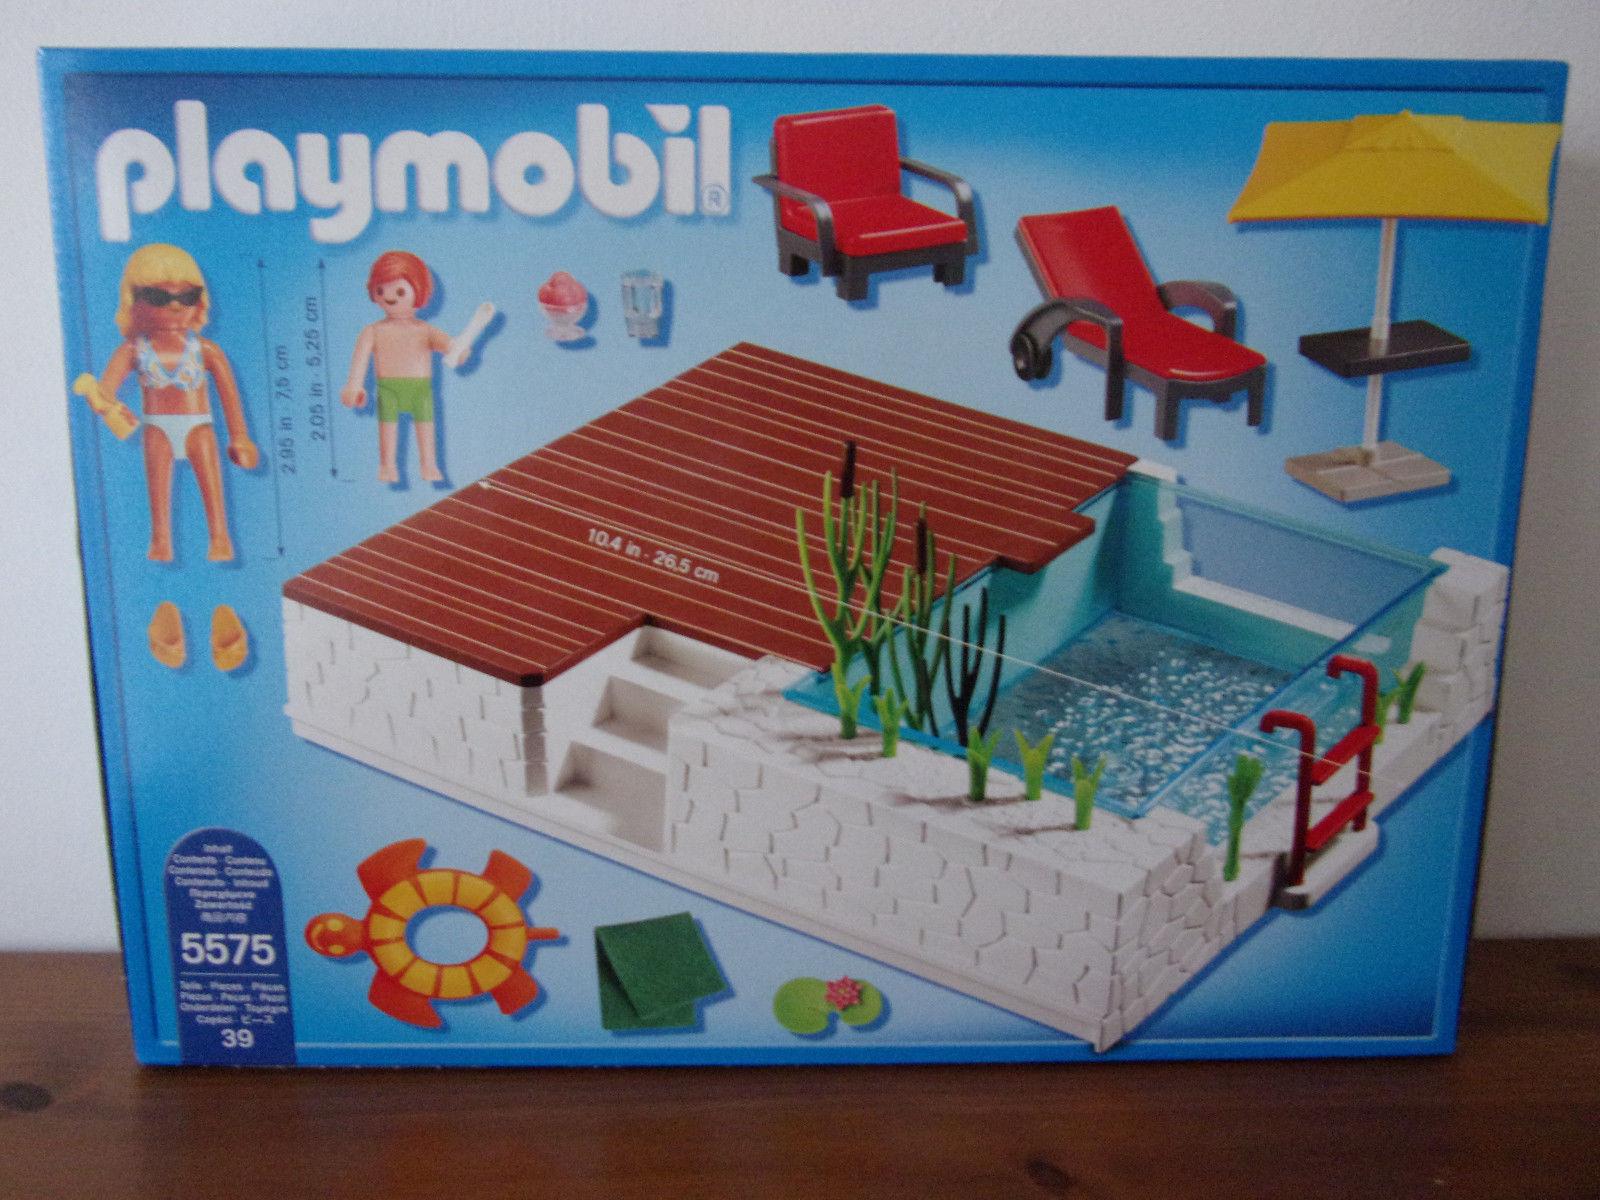 Playmobil City Life 5575 La Piscine D'un - Neuf Et Emballage ... tout Piscine Playmobil 5575